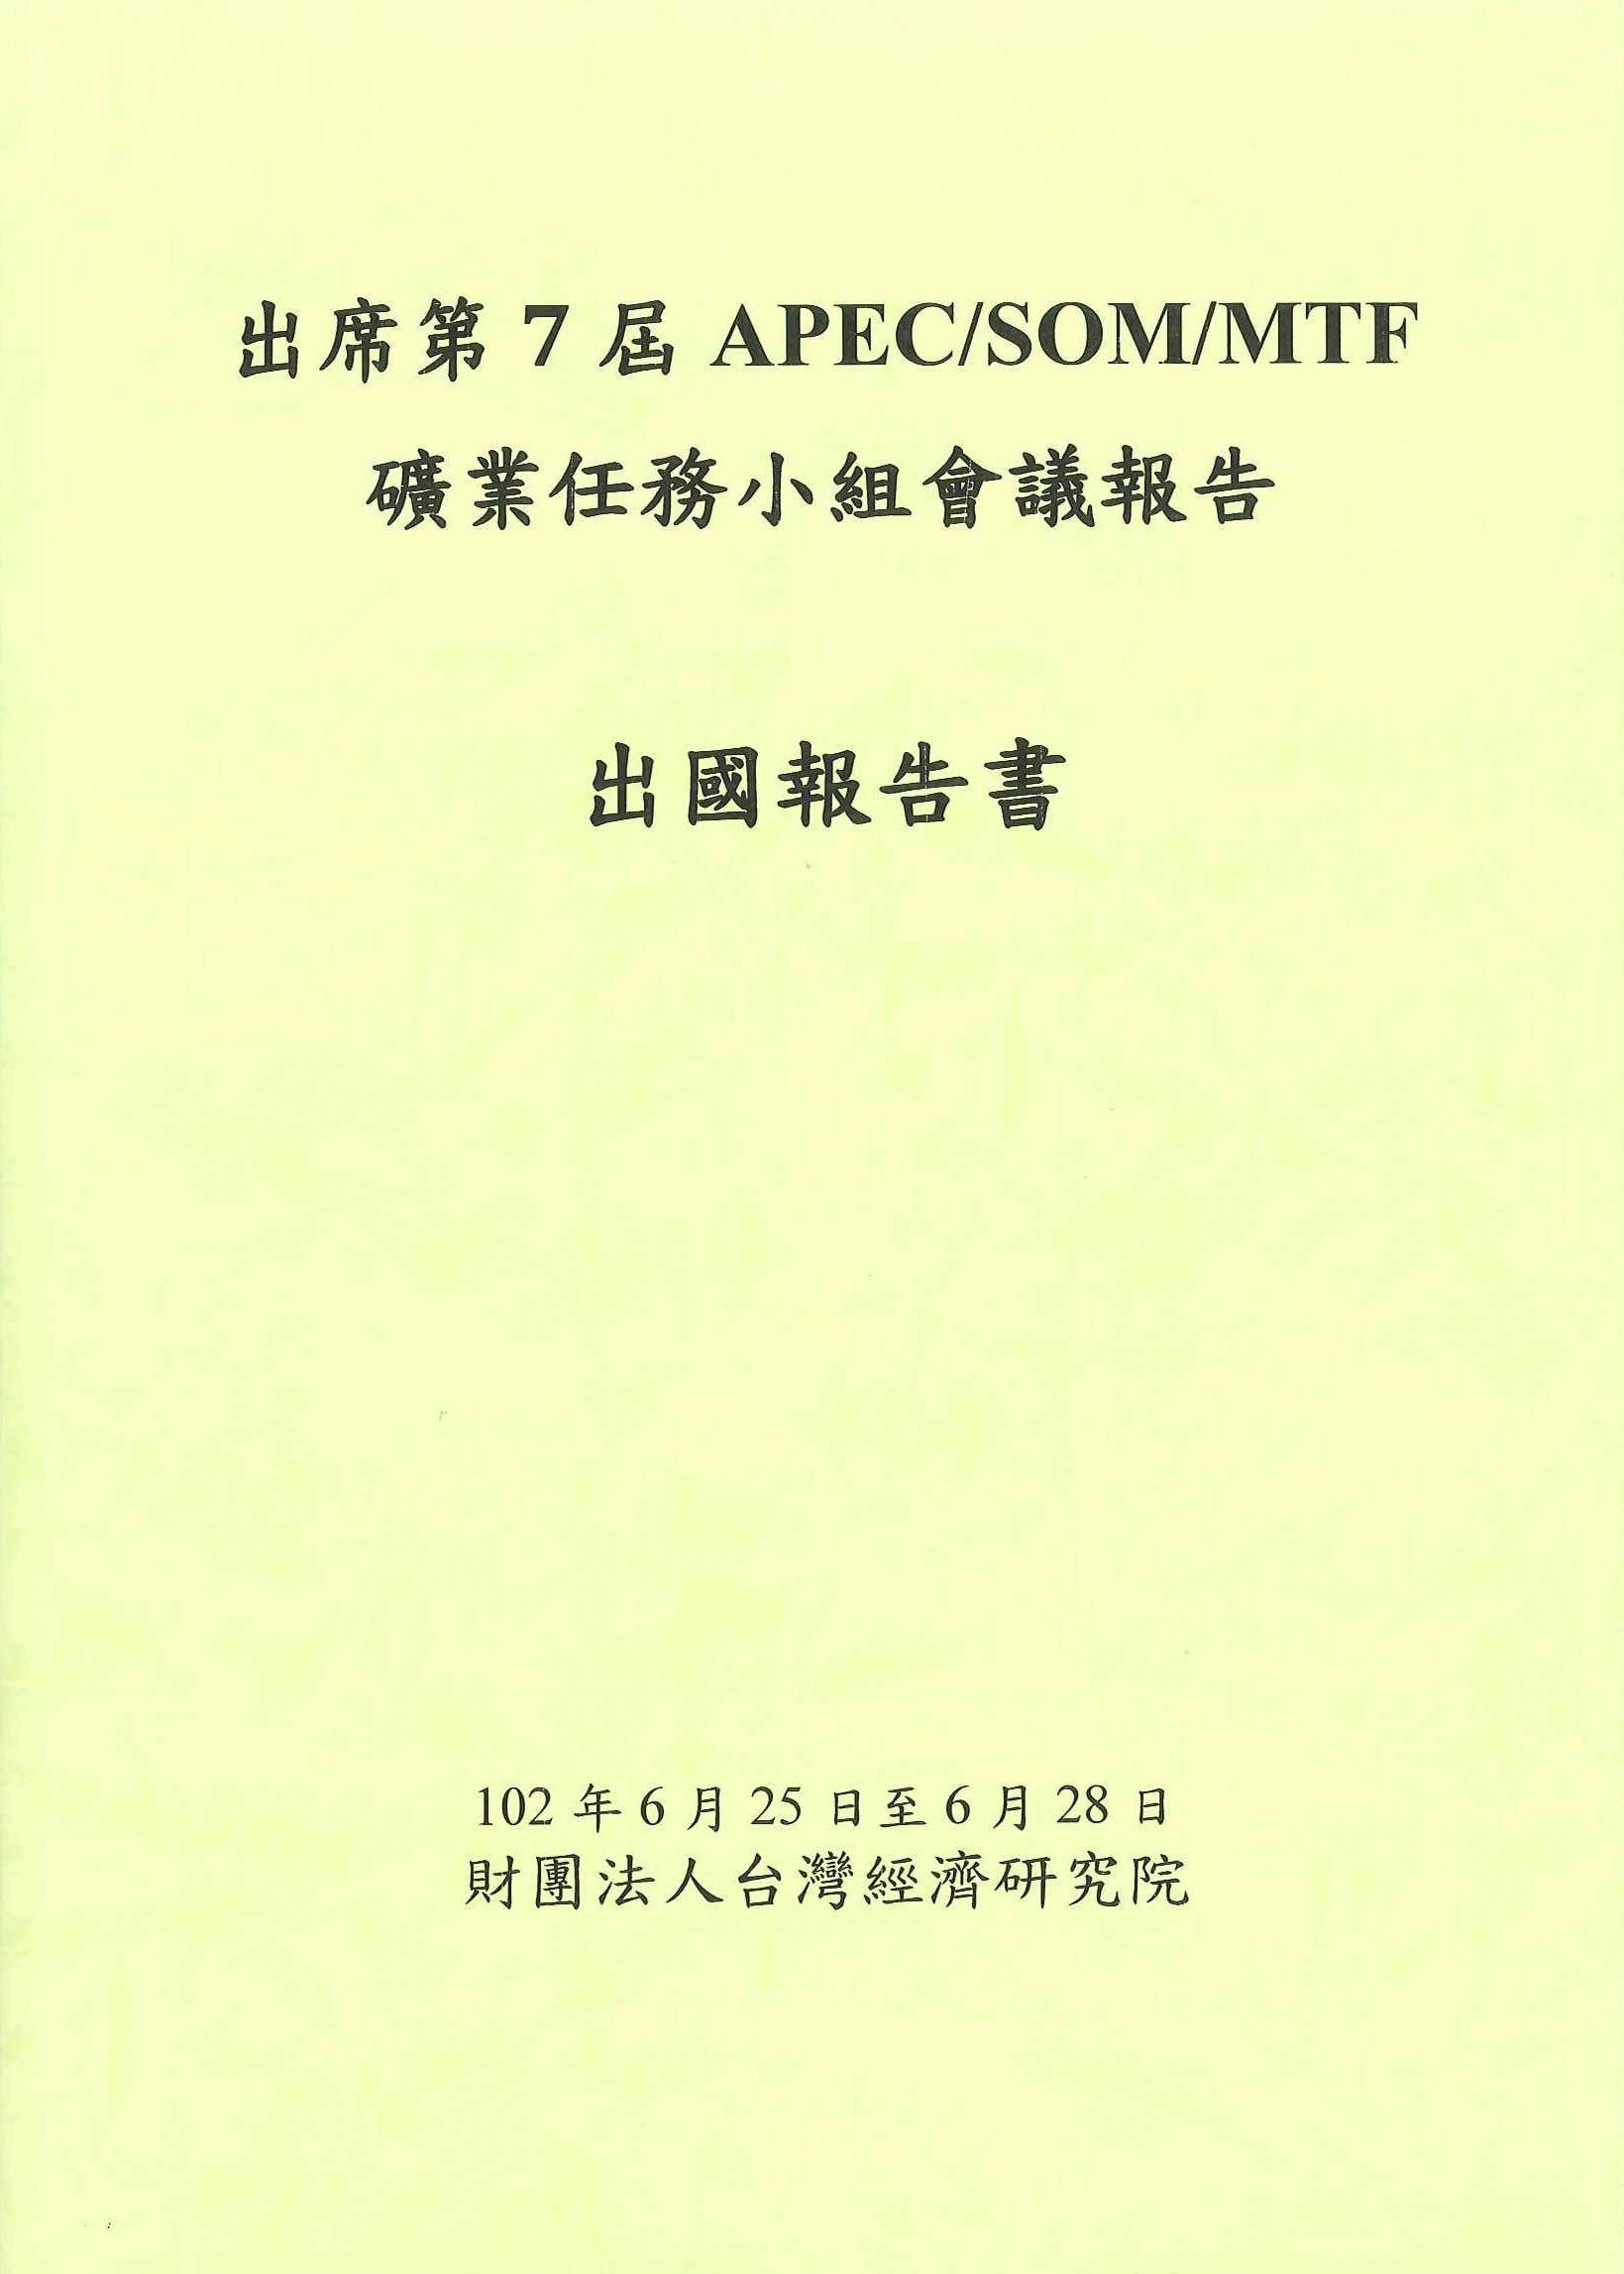 出席第7屆APEC/SOM/MTF礦業任務小組會議報告出國報告書